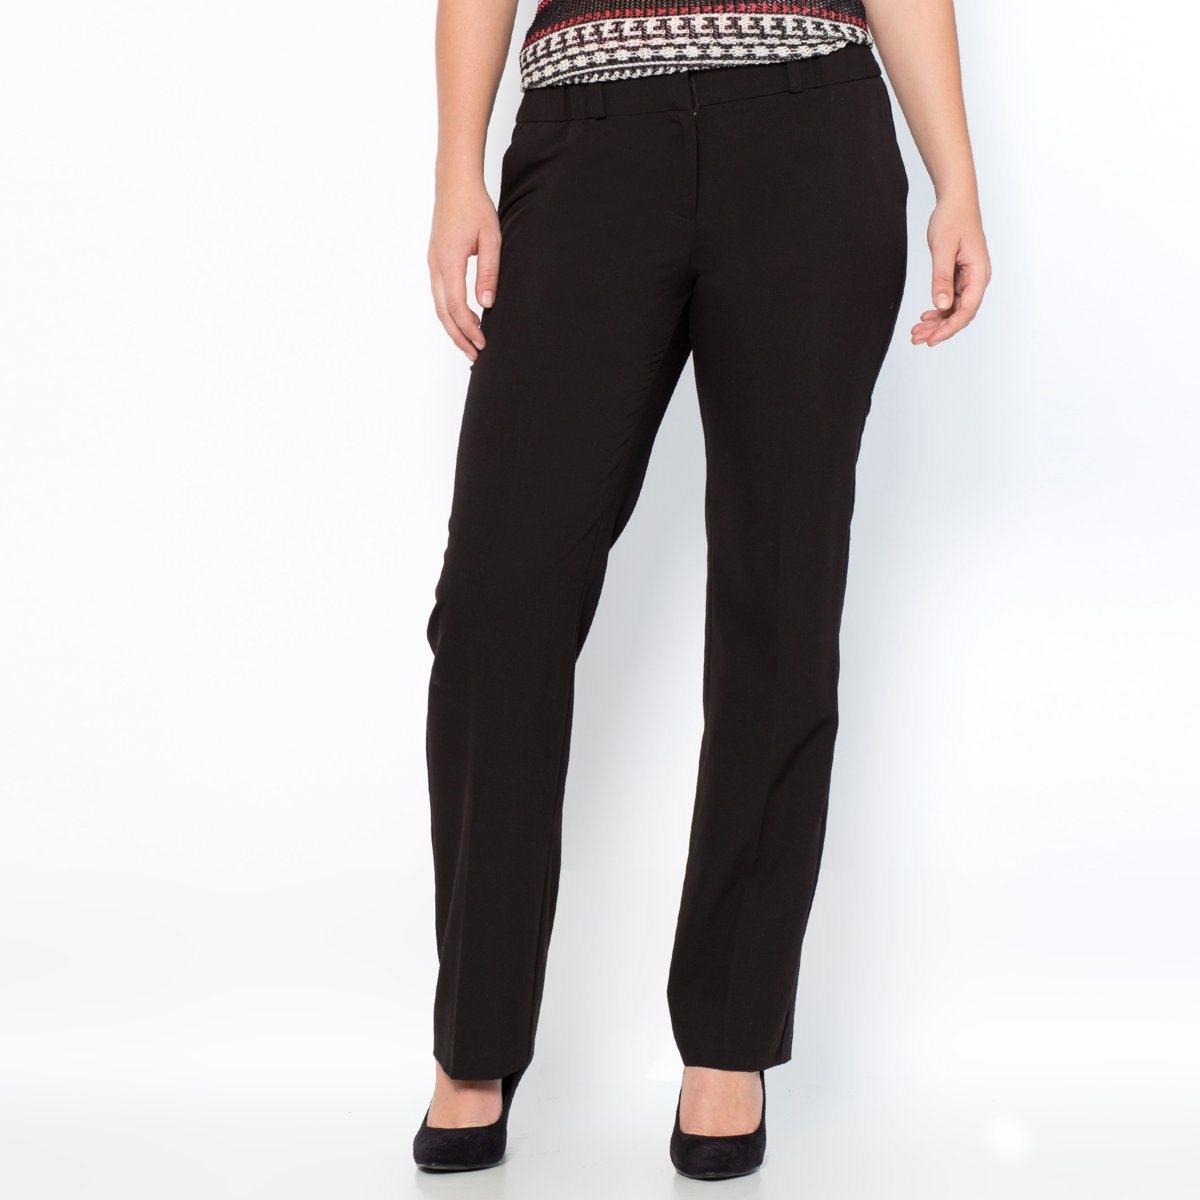 Брюки прямые, покрой экстра-комфортБлагодаря своему прямому покрою эти брюки подойдут всем: они не подчёркивают ни талию, ни бёдра ! Из великолепно сидящей, струящейся ткани, 74 % полиэстера, 19 % вискозы, 7 % эластана, не требует глажки!ПОКРОЙ ЭСКТРА-КОМФОРТ : (пышные бёдра). Полностью эластичный пояс. Вытачки спереди и сзади. Косые карманы спереди, карман на пуговице сзади. Длина по внутреннему шву 78 см,   ширина по низу 22 см.<br><br>Цвет: темно-синий,черный<br>Размер: 62 (FR) - 68 (RUS).56 (FR) - 62 (RUS).48 (FR) - 54 (RUS).50 (FR) - 56 (RUS).46 (FR) - 52 (RUS).52 (FR) - 58 (RUS).44 (FR) - 50 (RUS).50 (FR) - 56 (RUS).48 (FR) - 54 (RUS).60 (FR) - 66 (RUS).44 (FR) - 50 (RUS).46 (FR) - 52 (RUS).56 (FR) - 62 (RUS).42 (FR) - 48 (RUS)